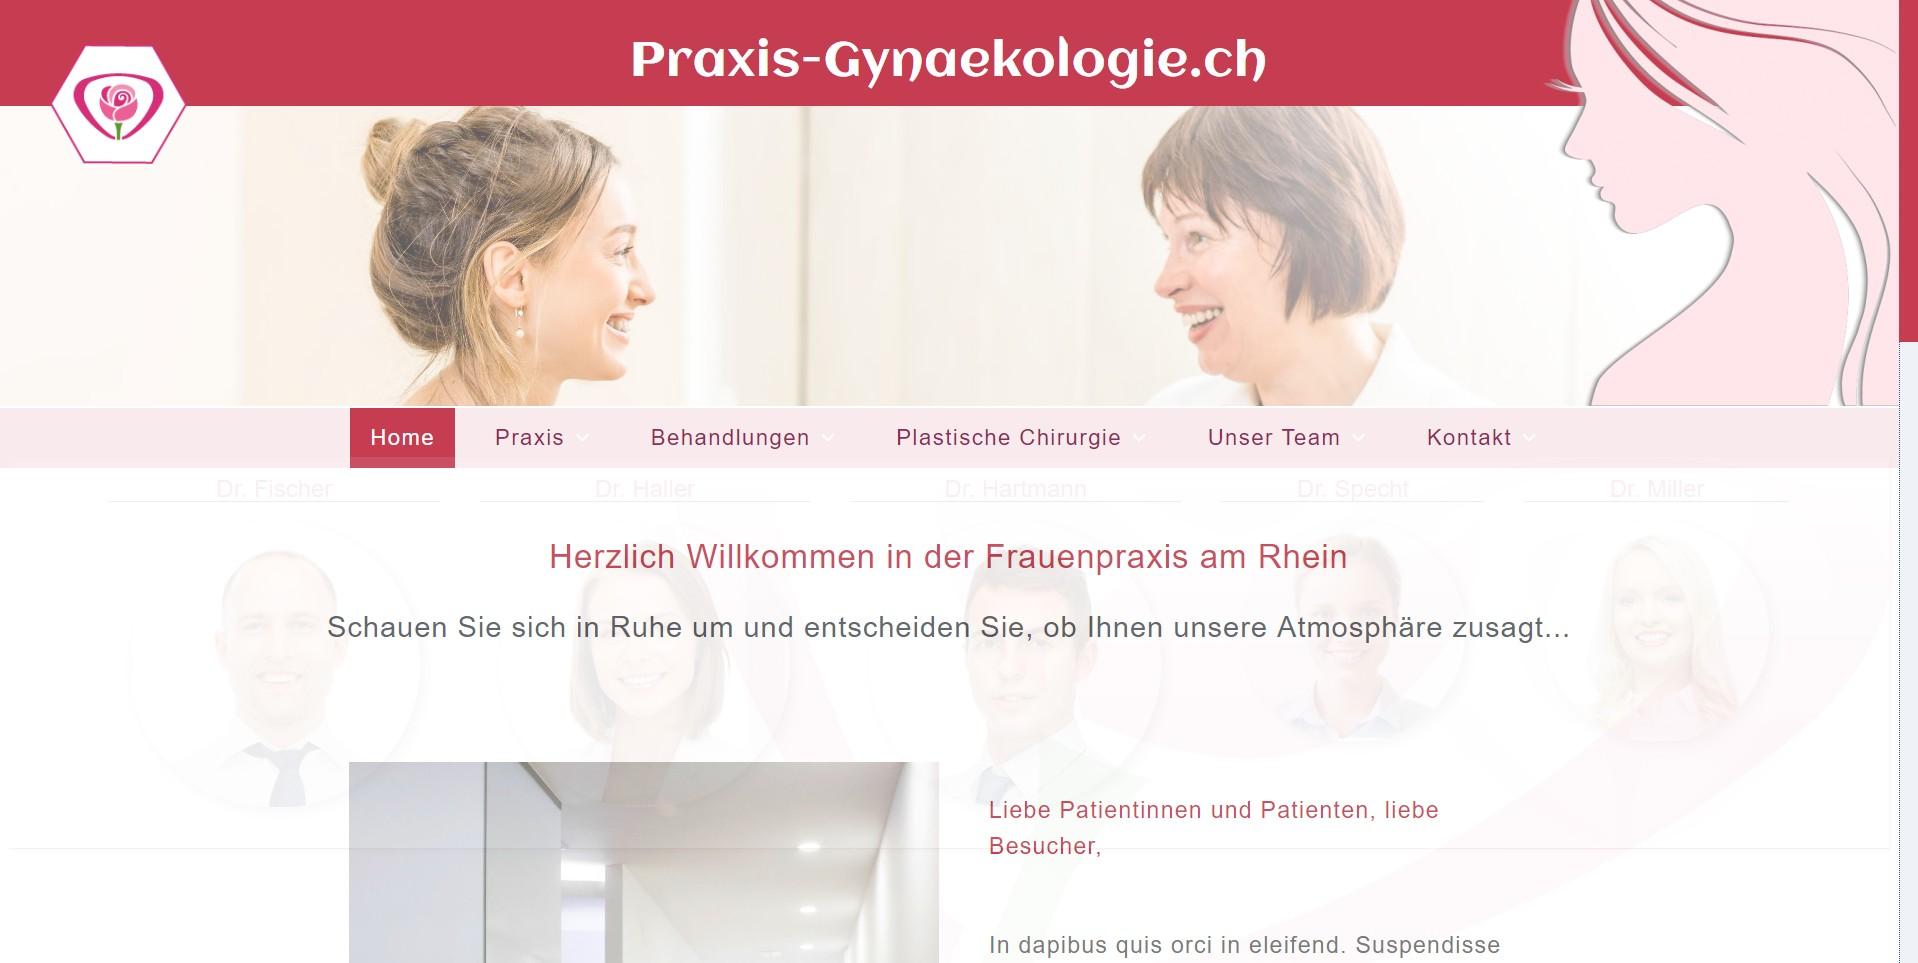 Praxis-Gynaekologie.ch